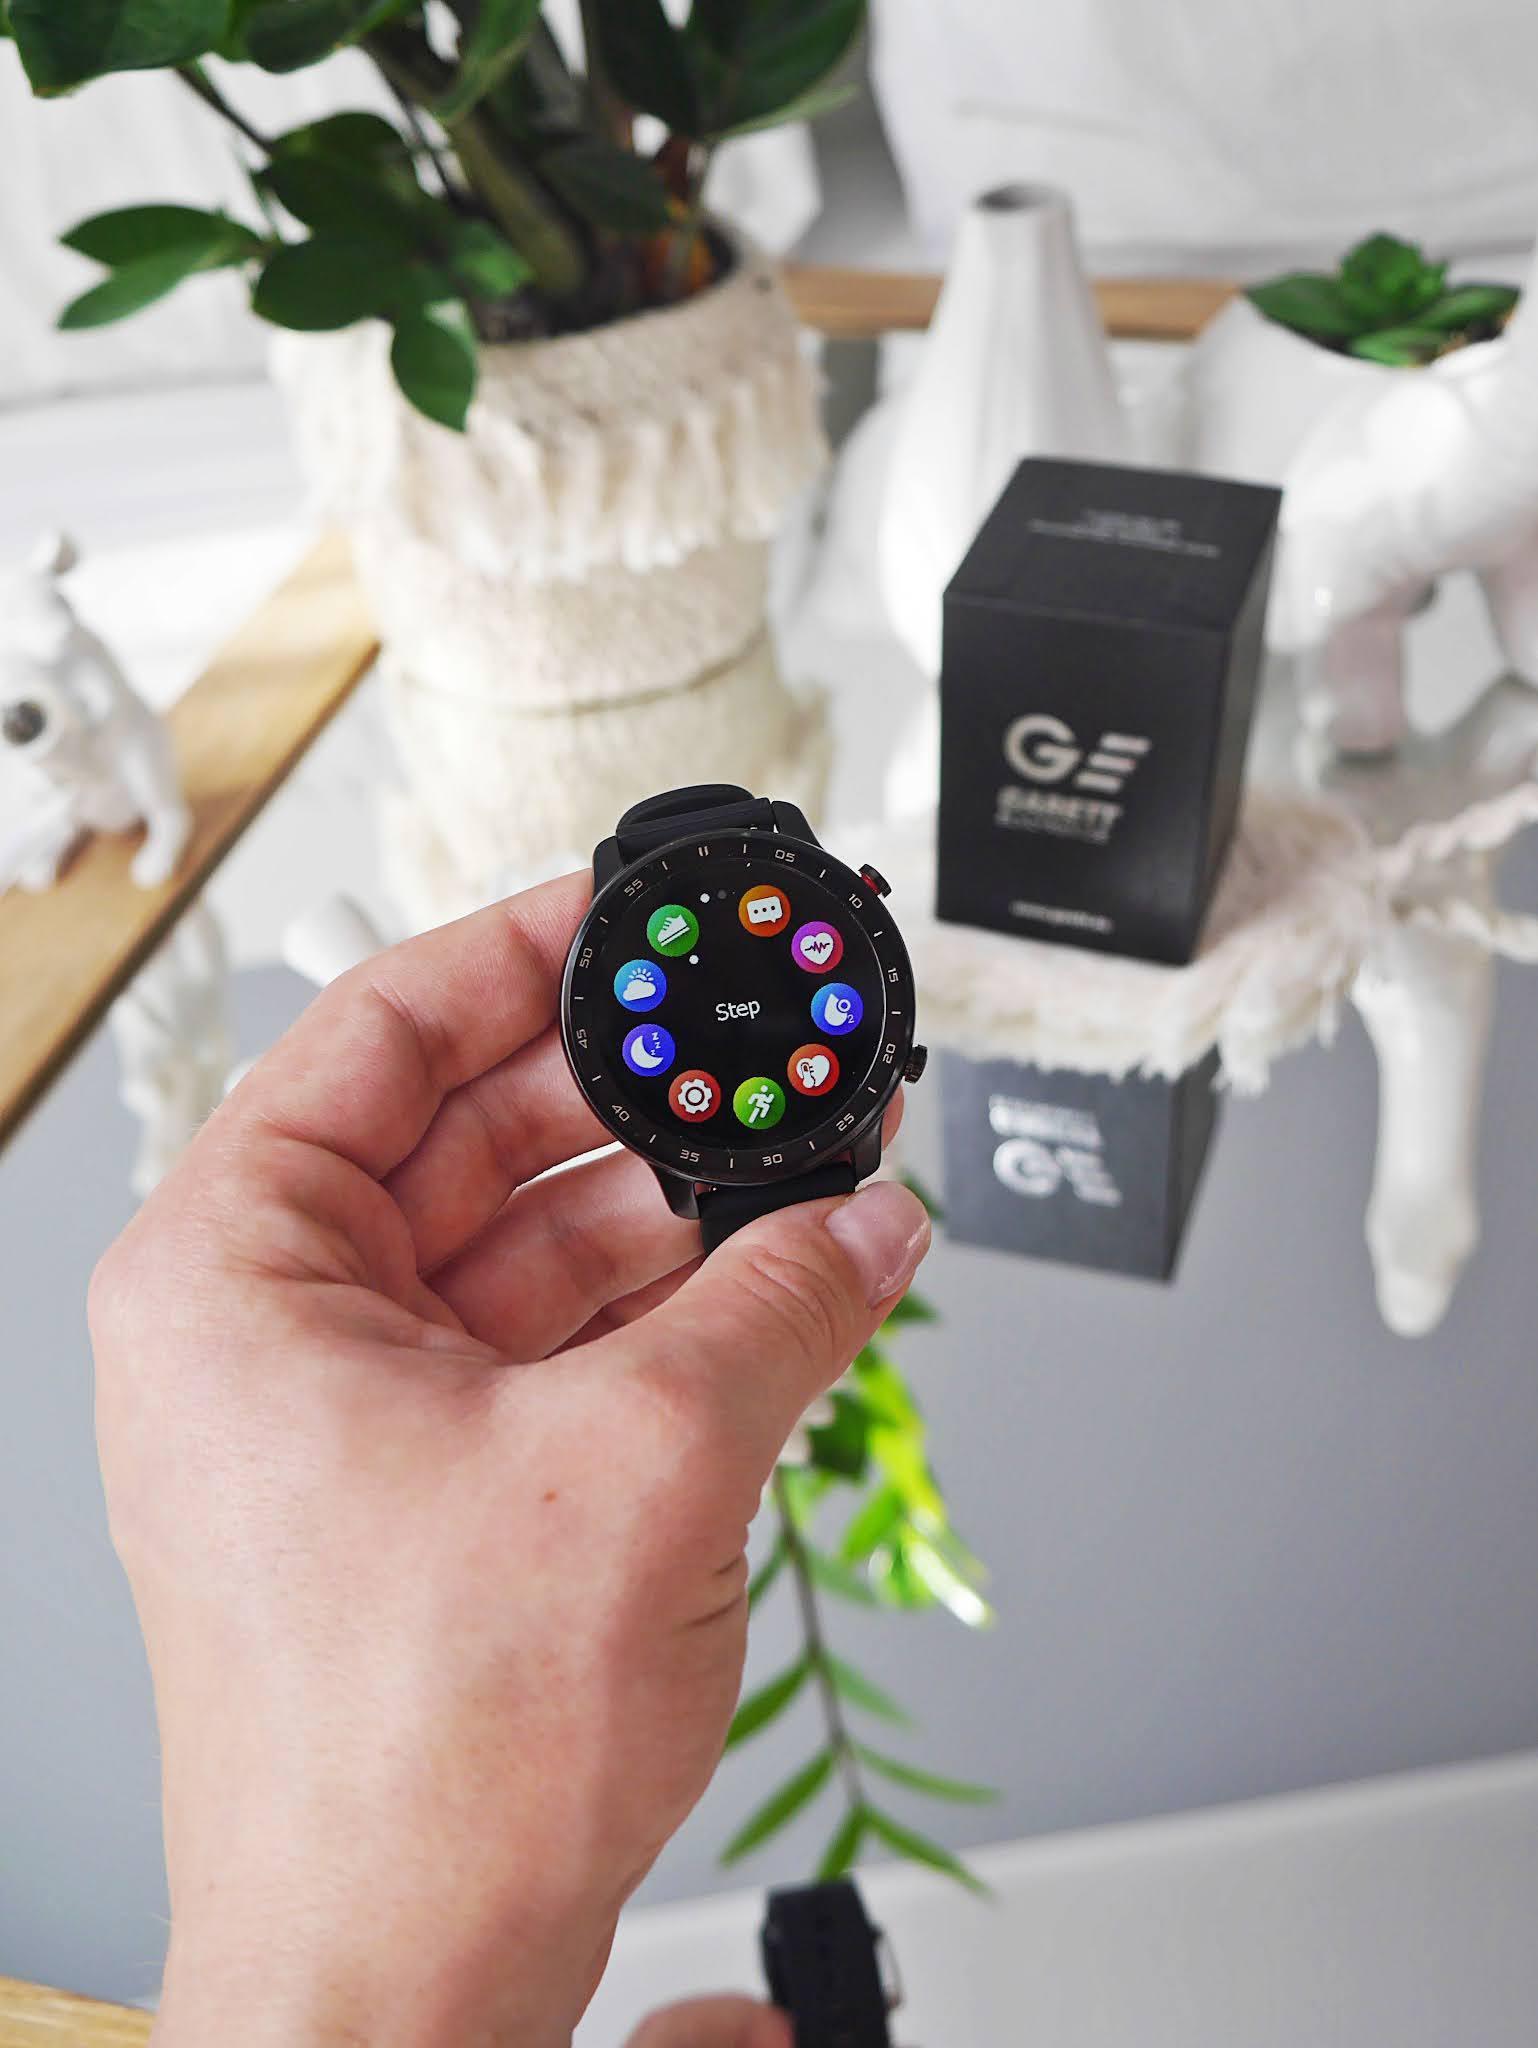 blog modowy blogerka modowa karyn smartwatch garett idealny prezent na dzień chłopaka pomysł 2021 zegarek inteligentny gartett smartwatch sport style czarny gumowy pasek recenzja co kupić na dzień chłopaka zniżka garett